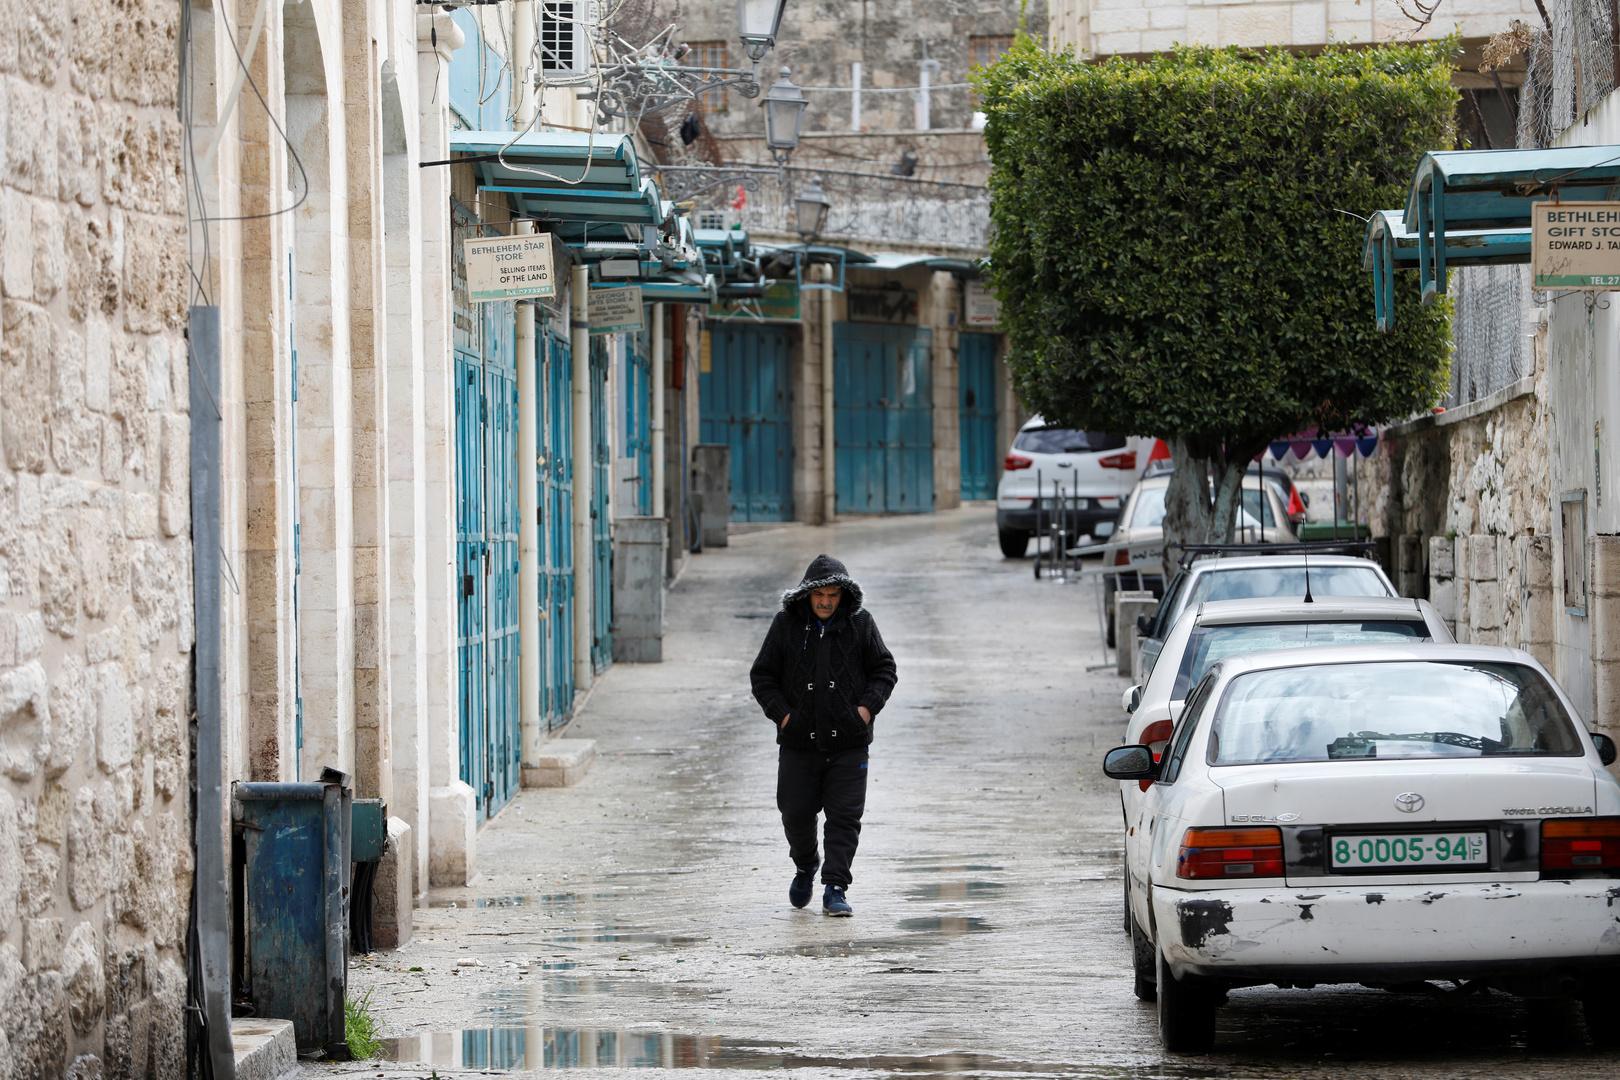 مدينة بيت لحم بعد اتخاذ إجراءات وقائية لردع انتشار فيروس كورونا